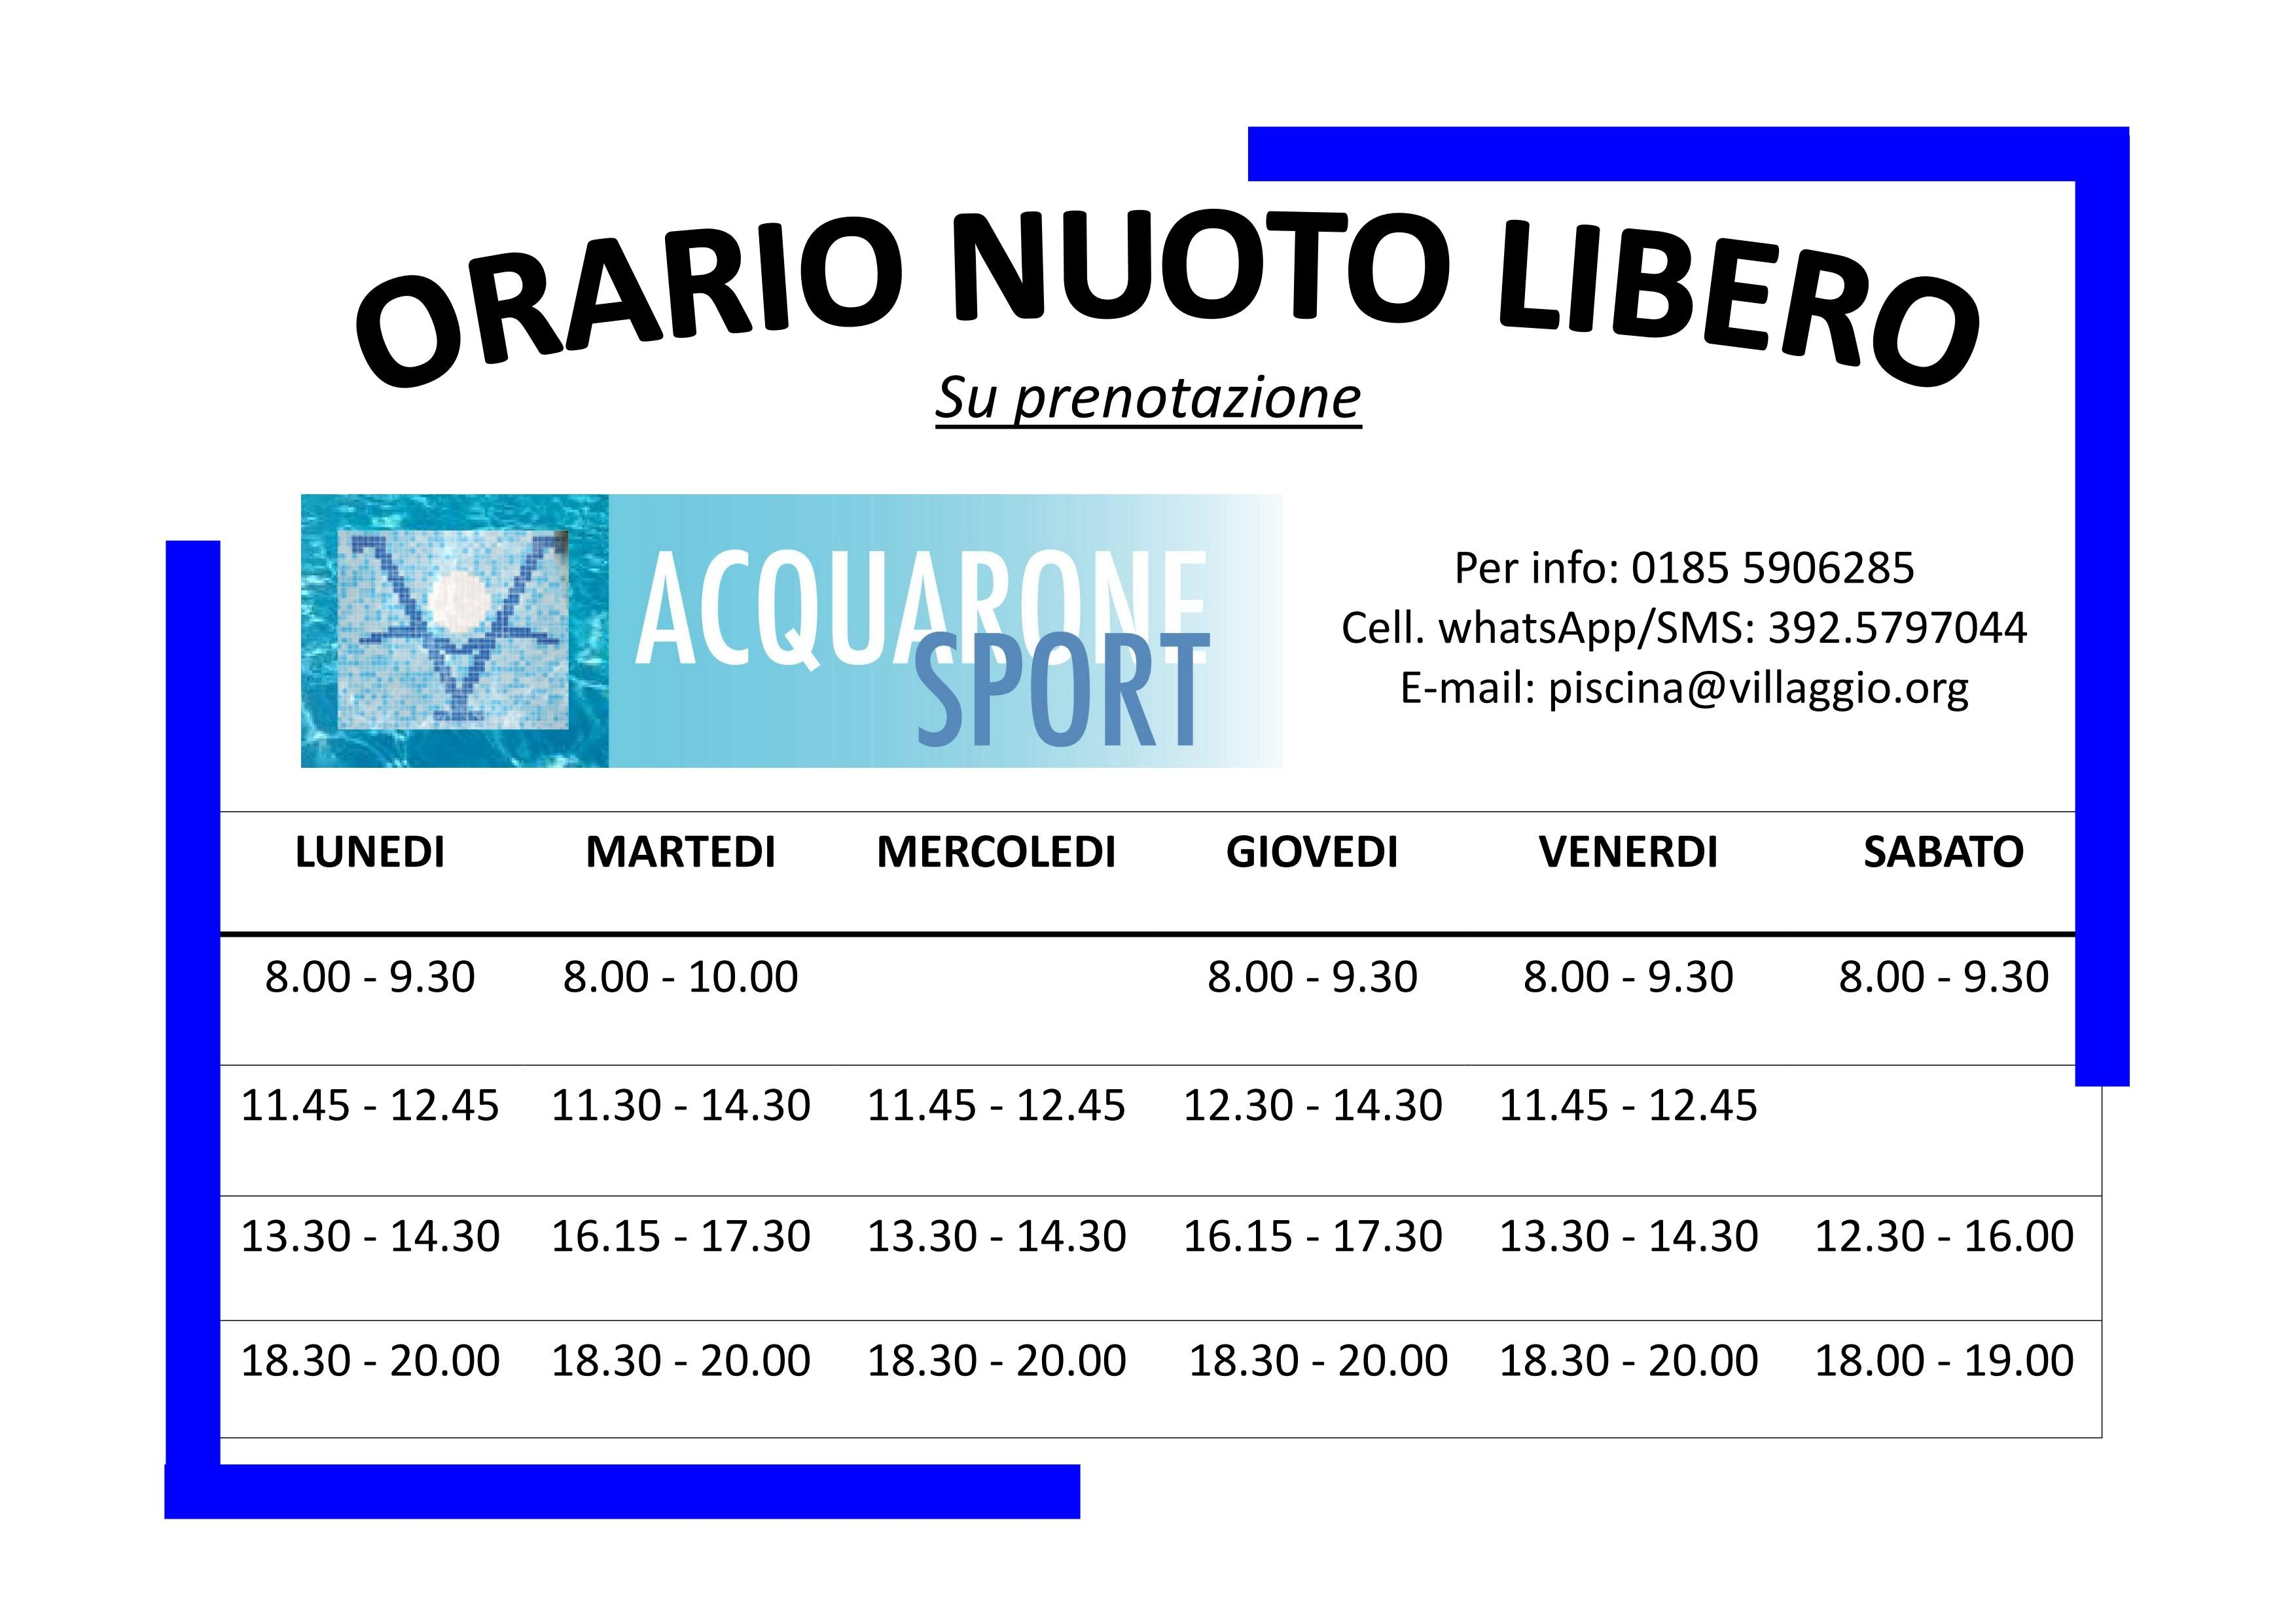 Acquarone Sport - Orario nuoto libero 2019-2020